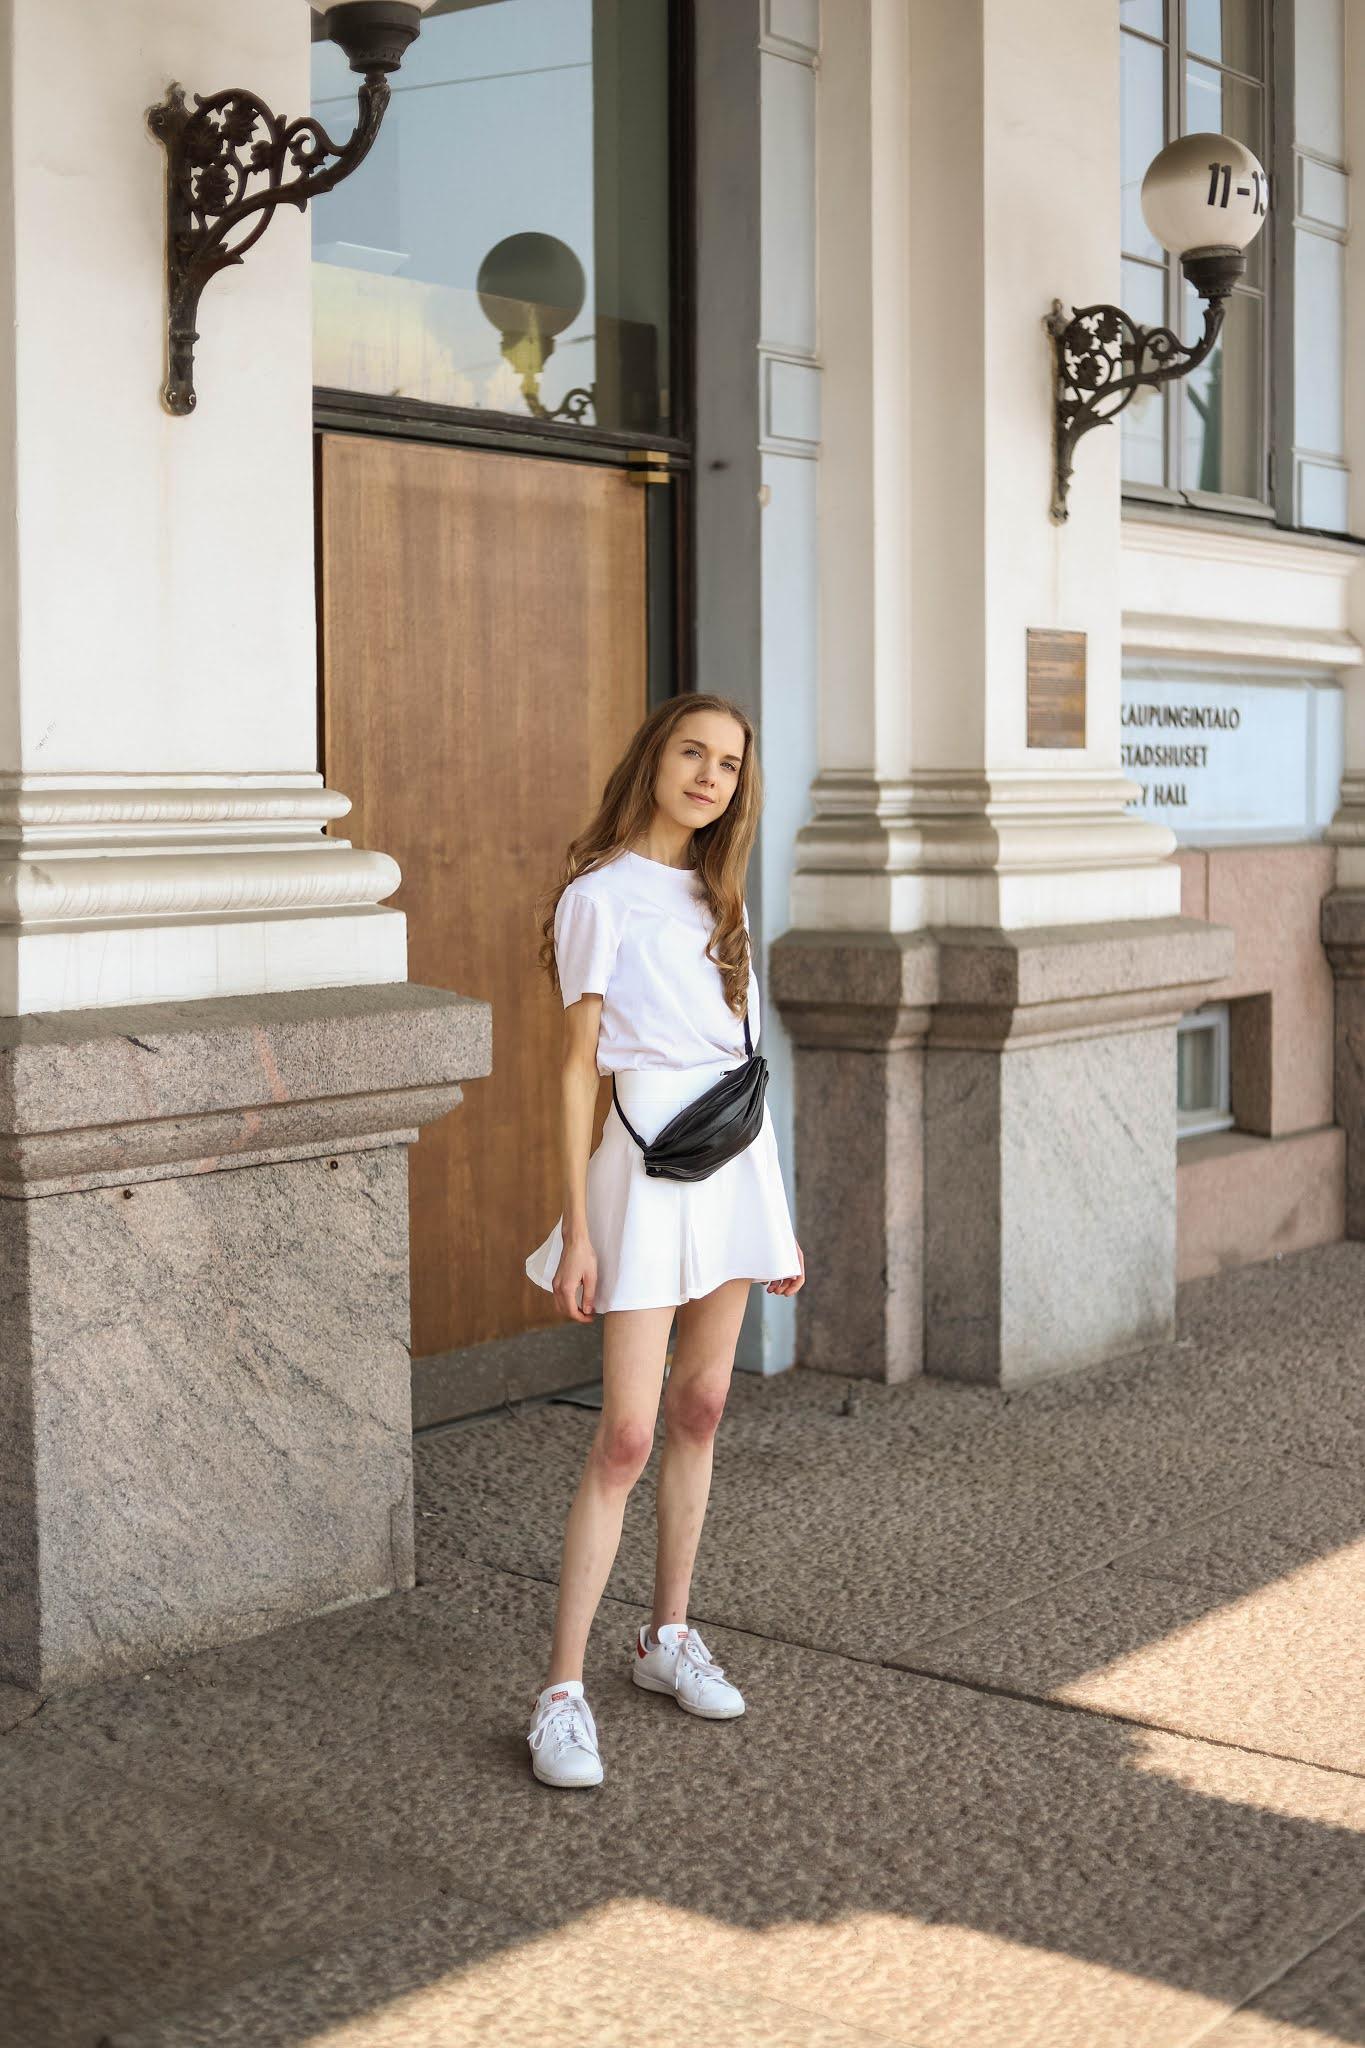 Kesän tyylivinkit: tennishame // Summer style tips: tennis skirt